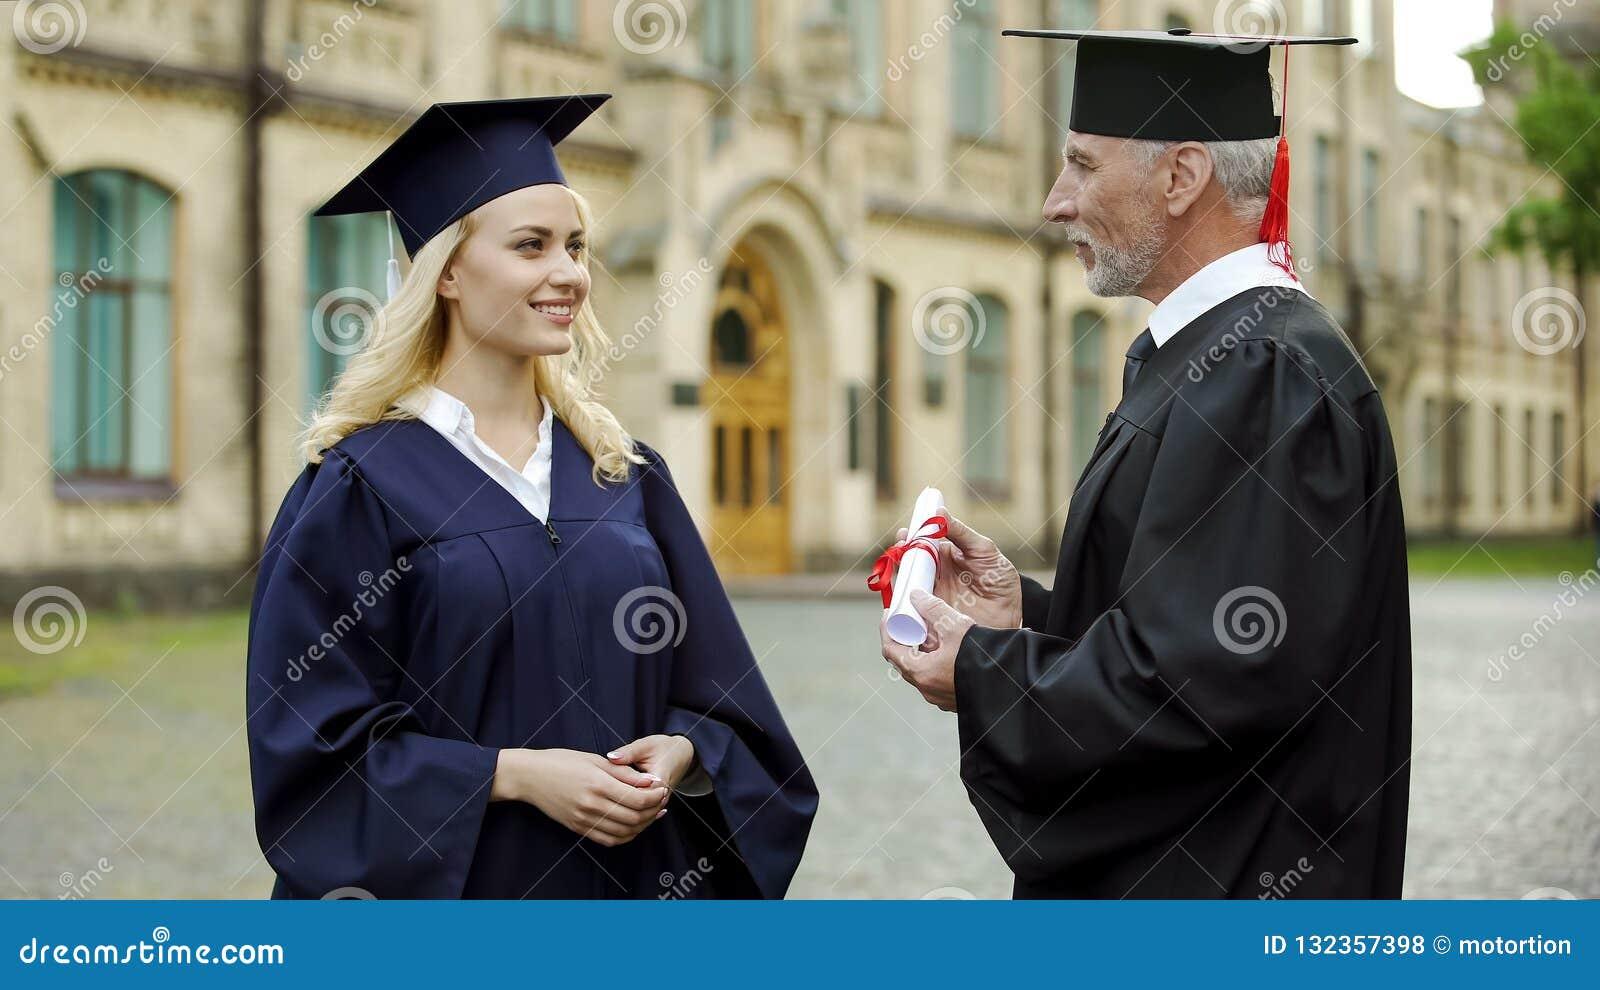 Kanzler der Universität Diplom gebend Schulabgänger, erfolgreiche Zukunft